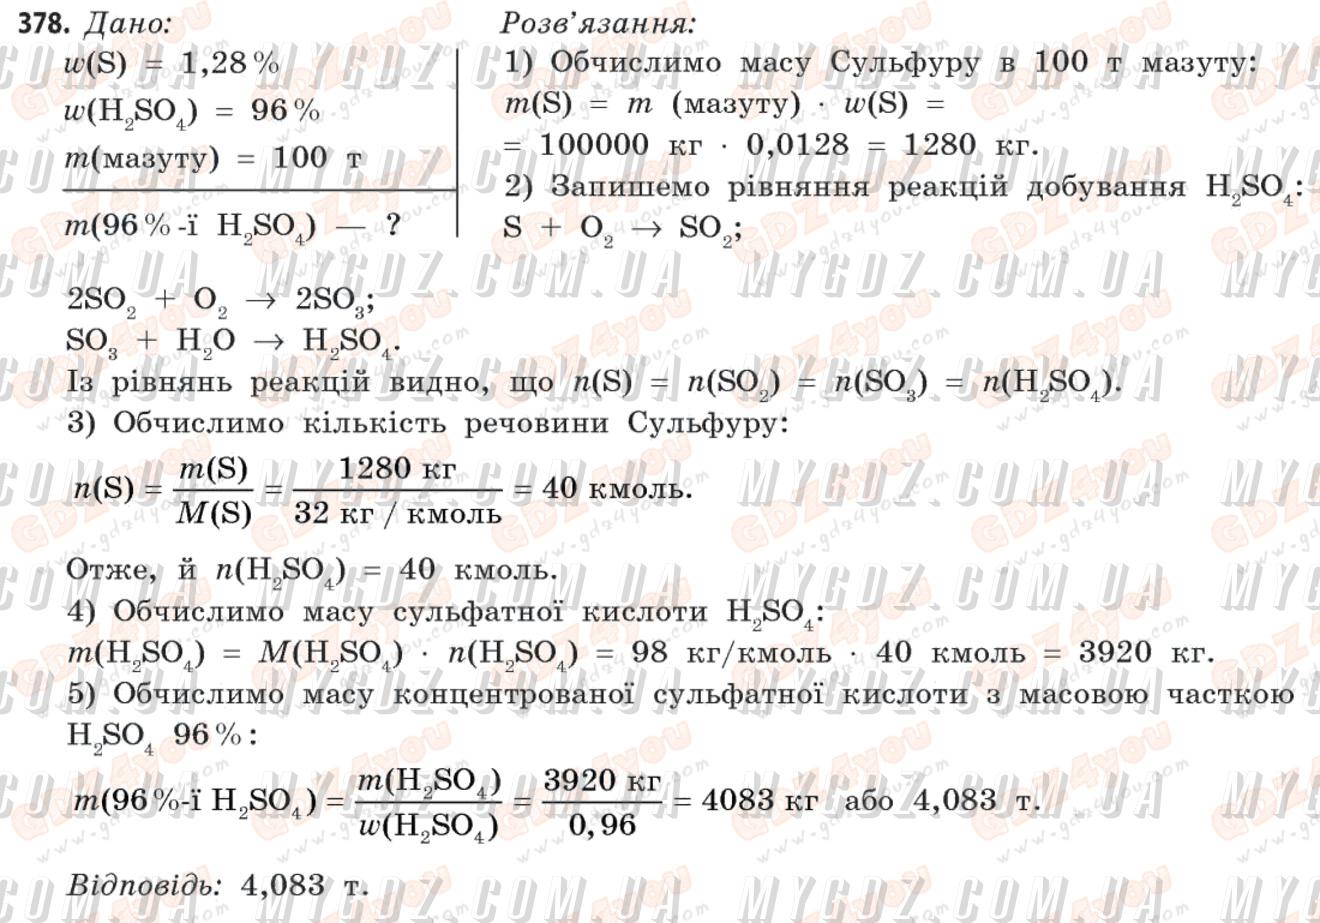 ГДЗ номер 378 2011 Попель, Крикля 11 клас